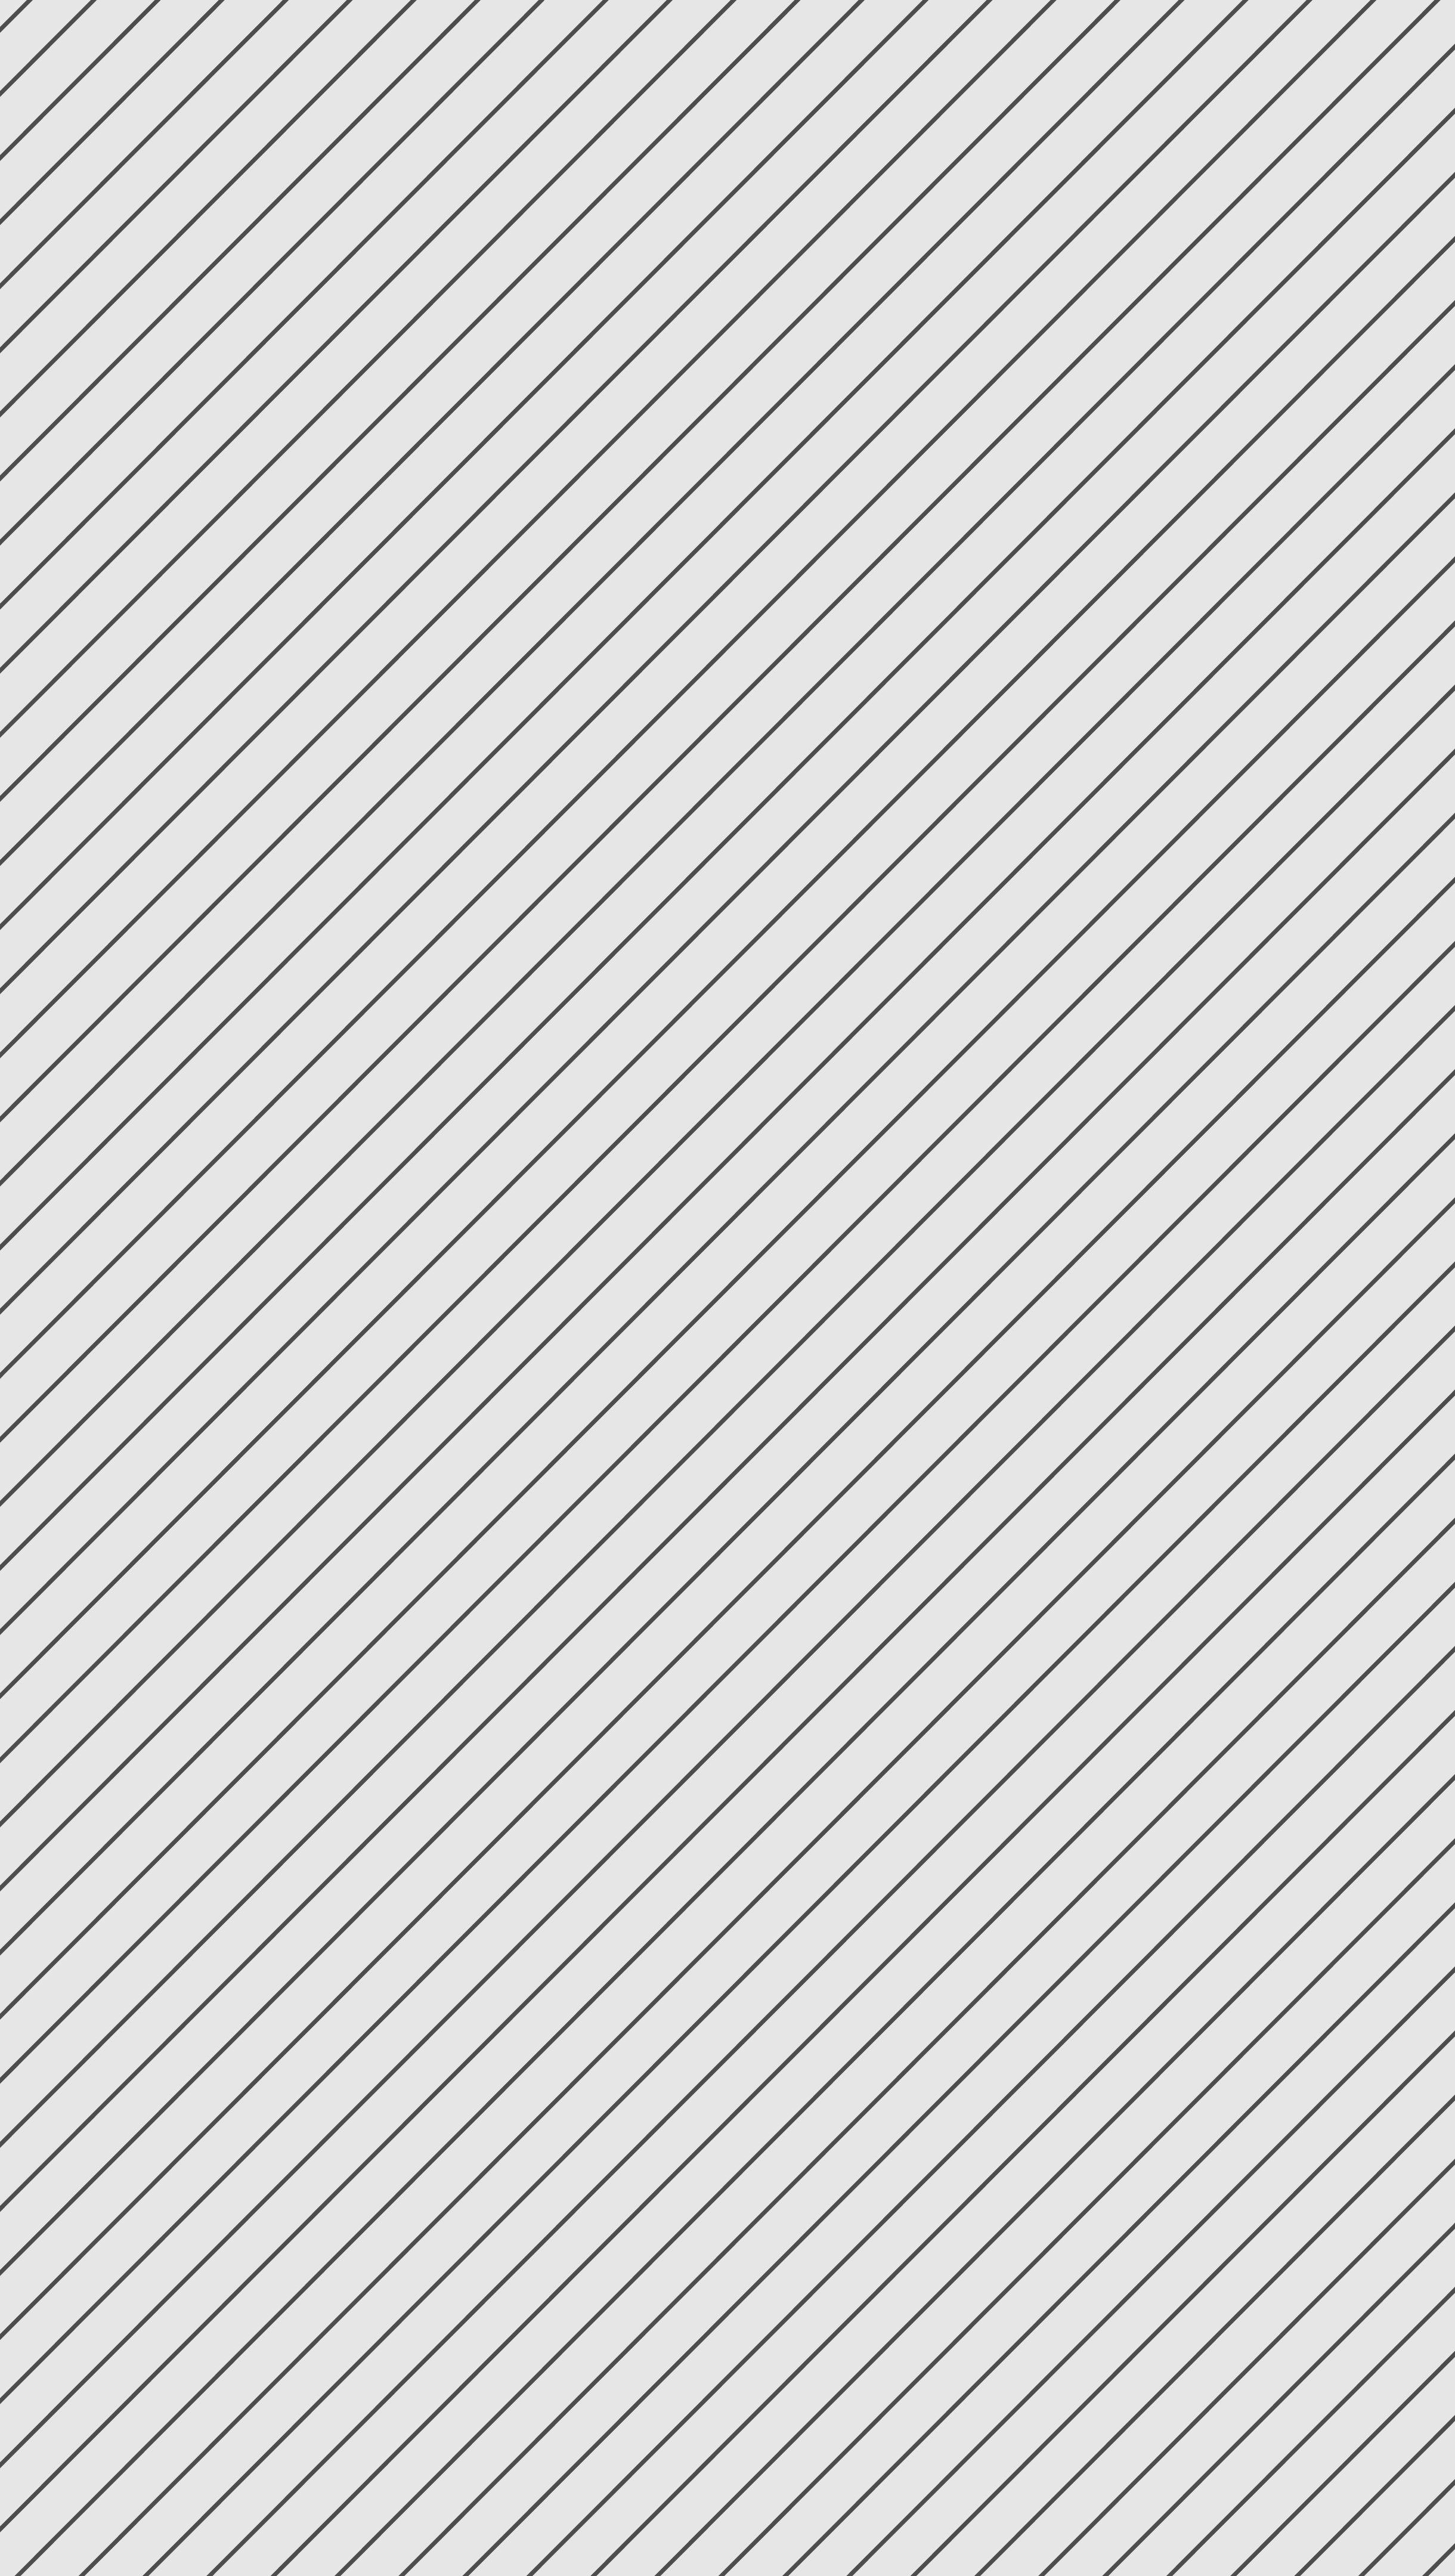 Fondos de pantalla Patrón de líneas gray Vertical